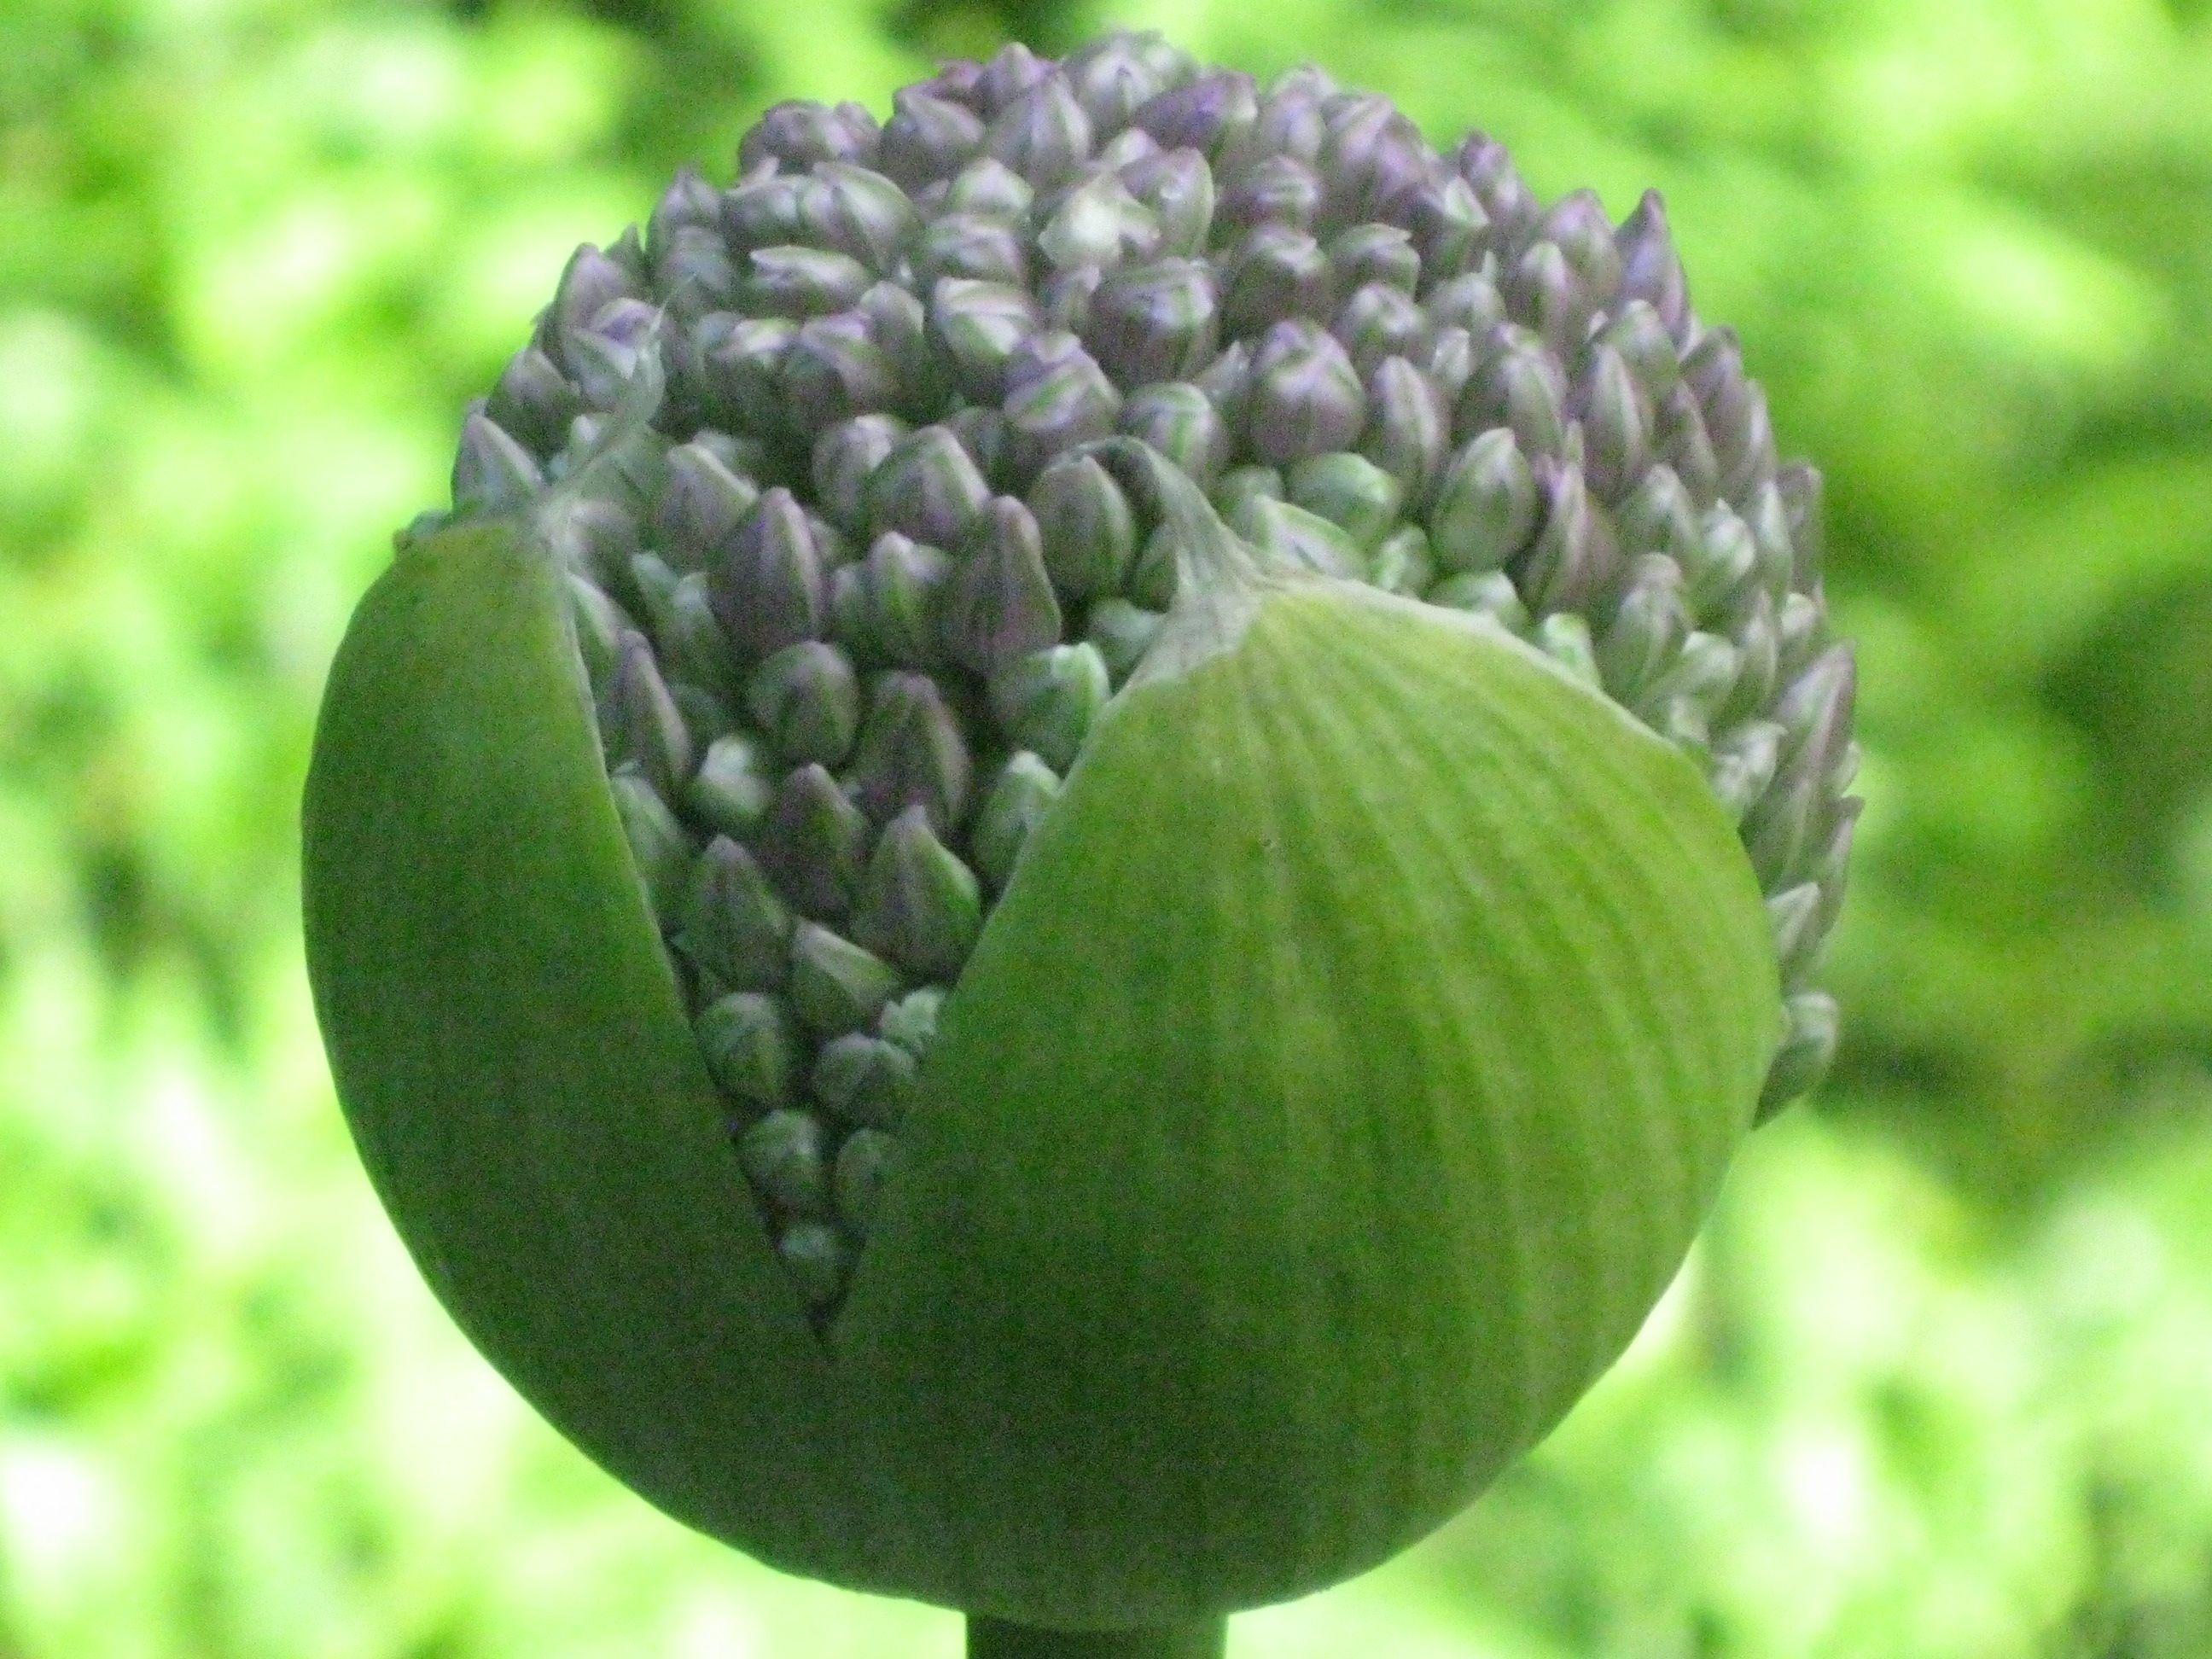 Allium in anticipation